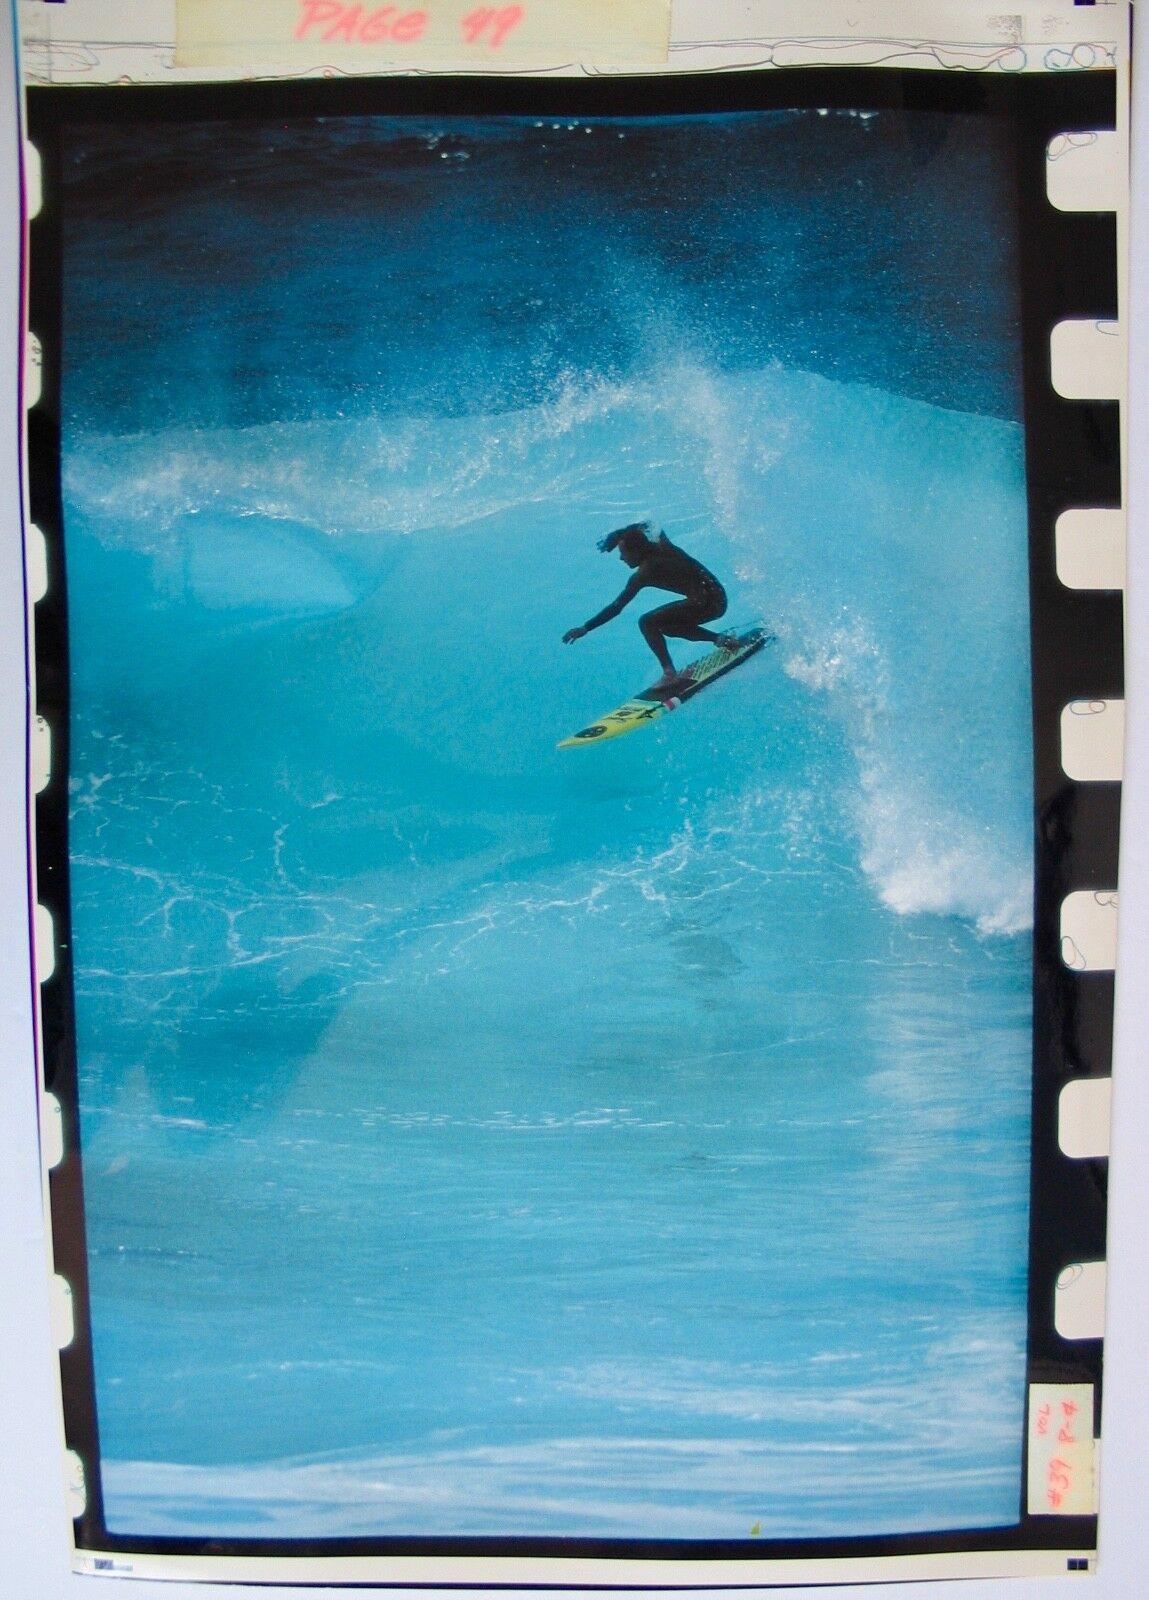 Vintage 1988 Original fotografía Breakout Surf Magazine Vol. 8 no 4 Tabla De Surf 16